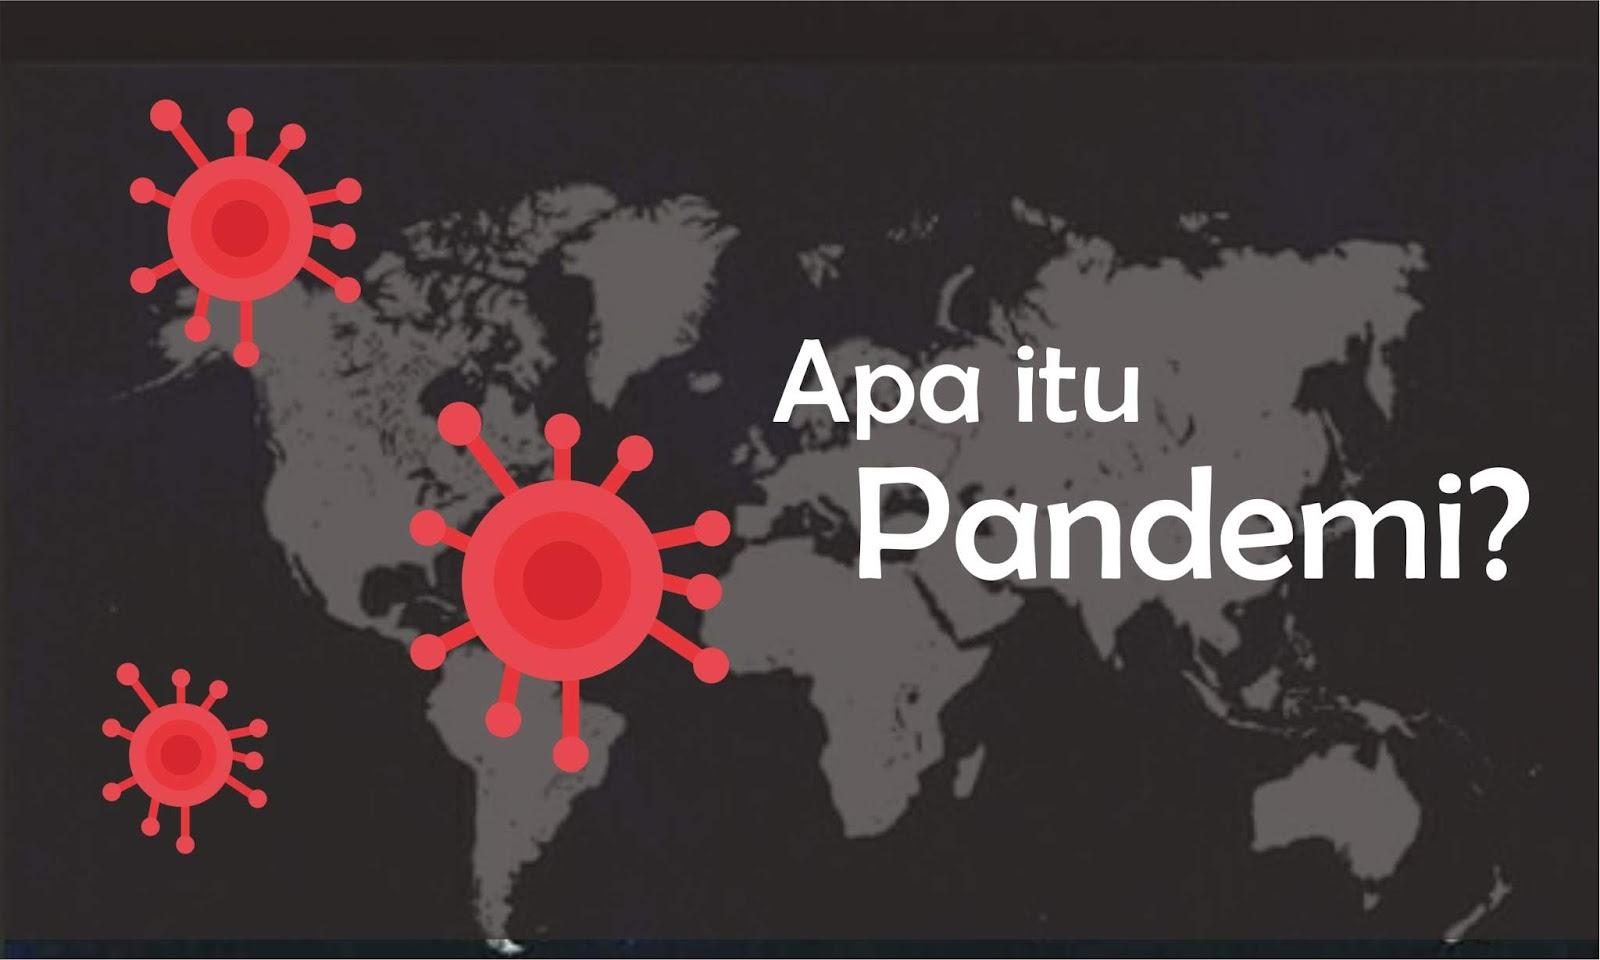 Banyak yang Belum Tahu, Apa Itu Pandemi?